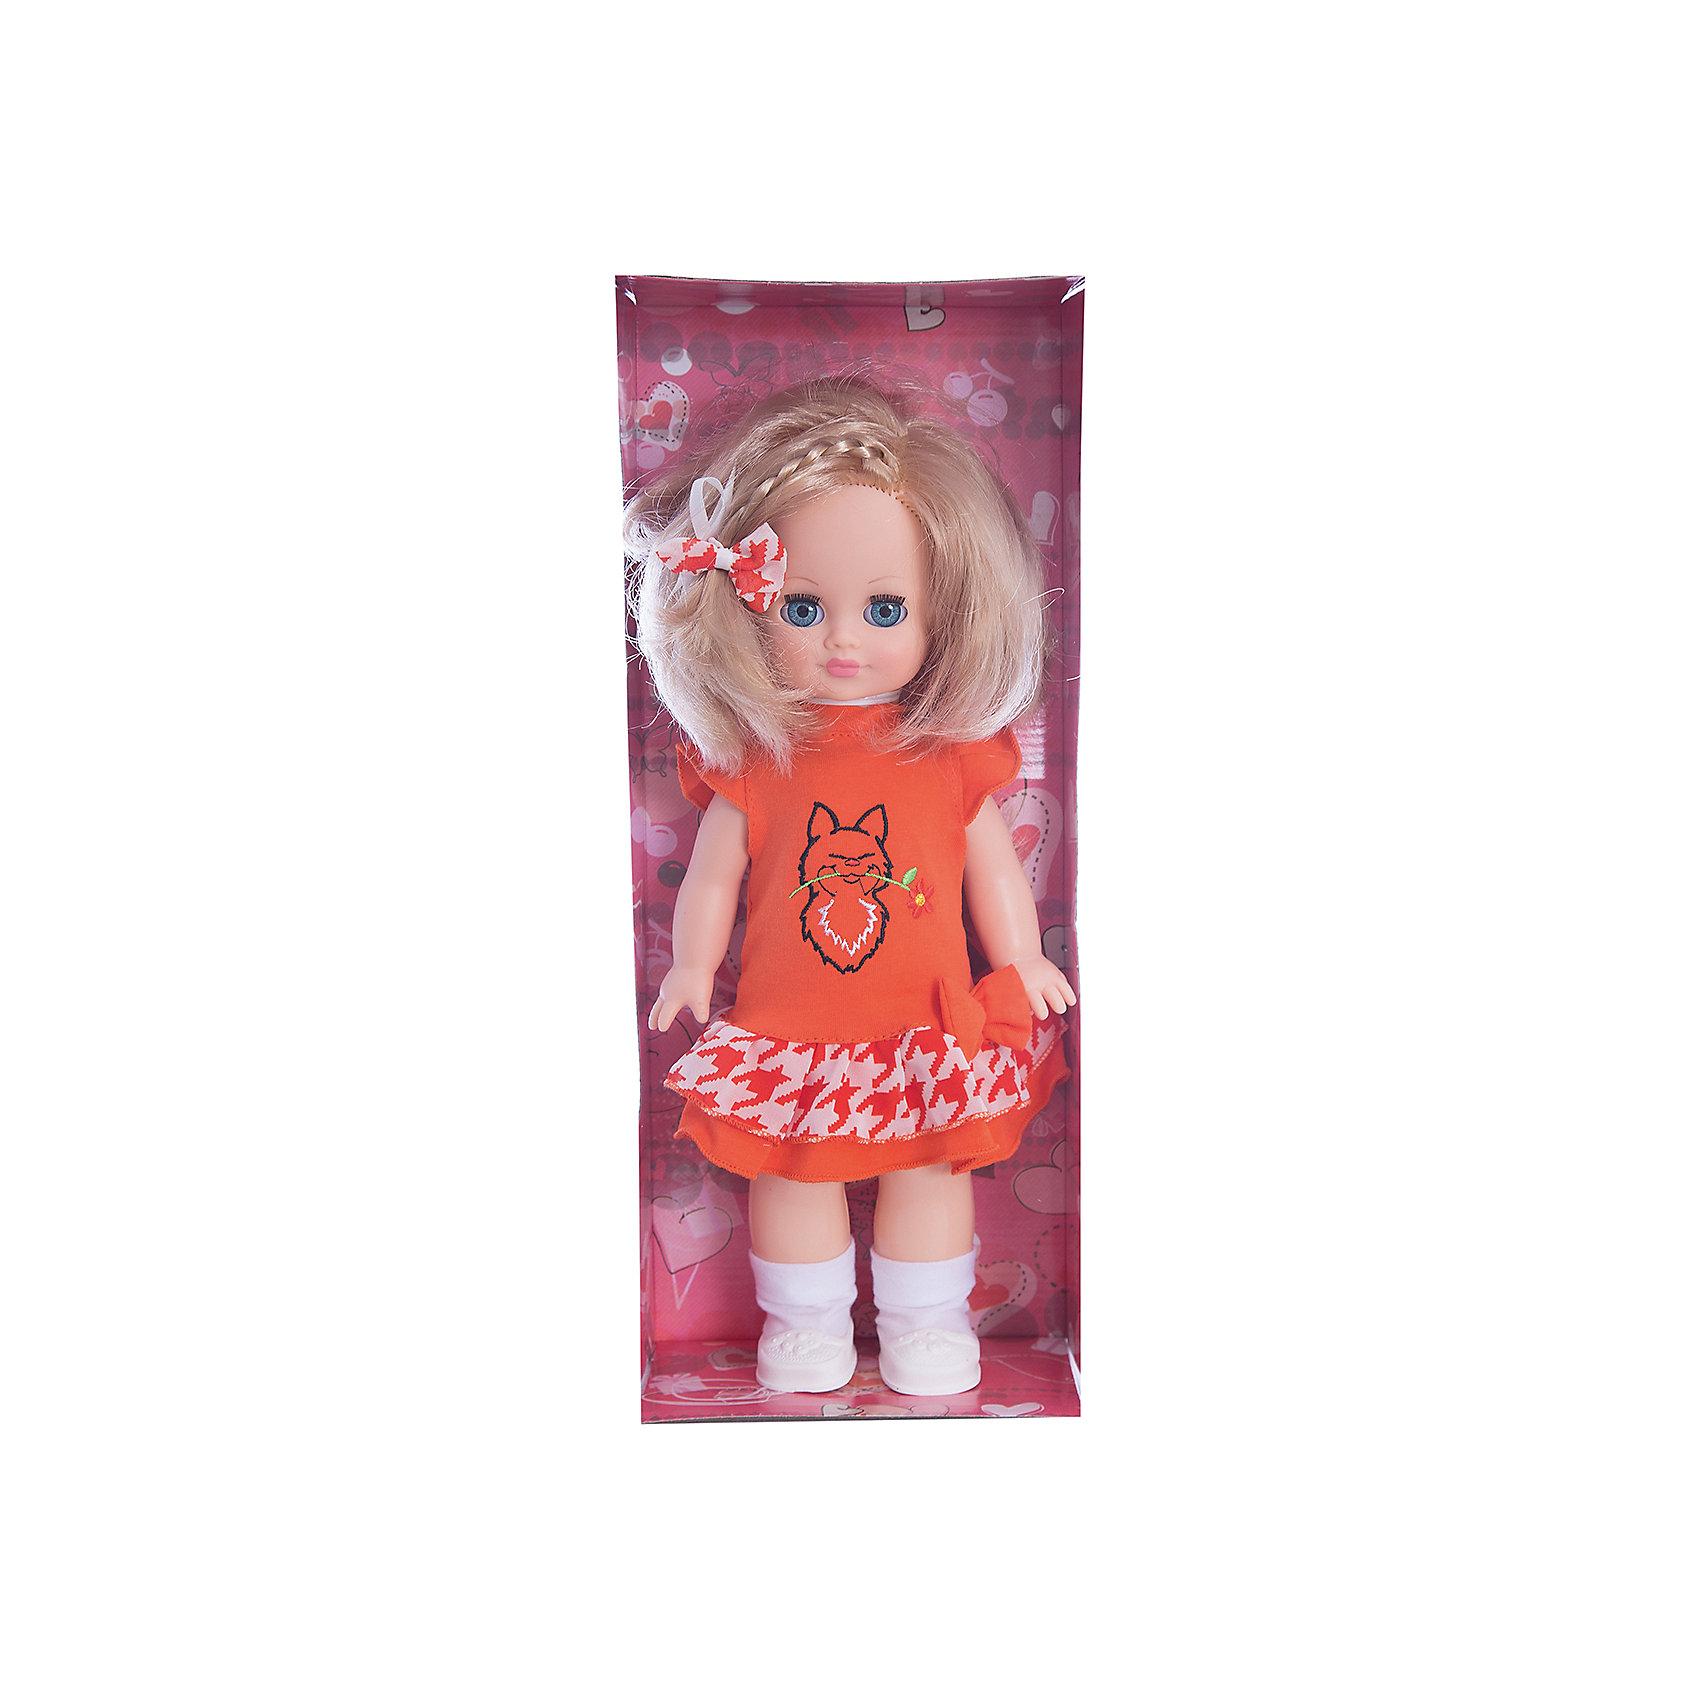 Кукла Наталья 1, со звуком, 35,5 см, ВеснаКакая девочка не любит кукол?! Кукла для девочки - это не только игрушка, с которой можно весело провести время, кукла - это возможность отрабатывать навыки поведения в обществе, учиться заботе о других, делать прически и одеваться согласно моде и поводу.<br>Эта красивая классическая кукла не только эффектно выглядит, она дополнена звуковым модулем! Игрушка модно одета и снабжена аксессуарами. Такая кукла запросто может стать самой любимой игрушкой! Произведена из безопасных для ребенка и качественных материалов.<br><br>Дополнительная информация:<br><br>цвет: разноцветный;<br>материал: пластик, текстиль;<br>комплектация: кукла, одежда;<br>высота: 35,5 см.<br><br>Куклу  Наталья 1, со звуком, 35,5 см, от компании Весна можно купить в нашем магазине.<br><br>Ширина мм: 170<br>Глубина мм: 100<br>Высота мм: 420<br>Вес г: 350<br>Возраст от месяцев: 36<br>Возраст до месяцев: 120<br>Пол: Женский<br>Возраст: Детский<br>SKU: 4642020